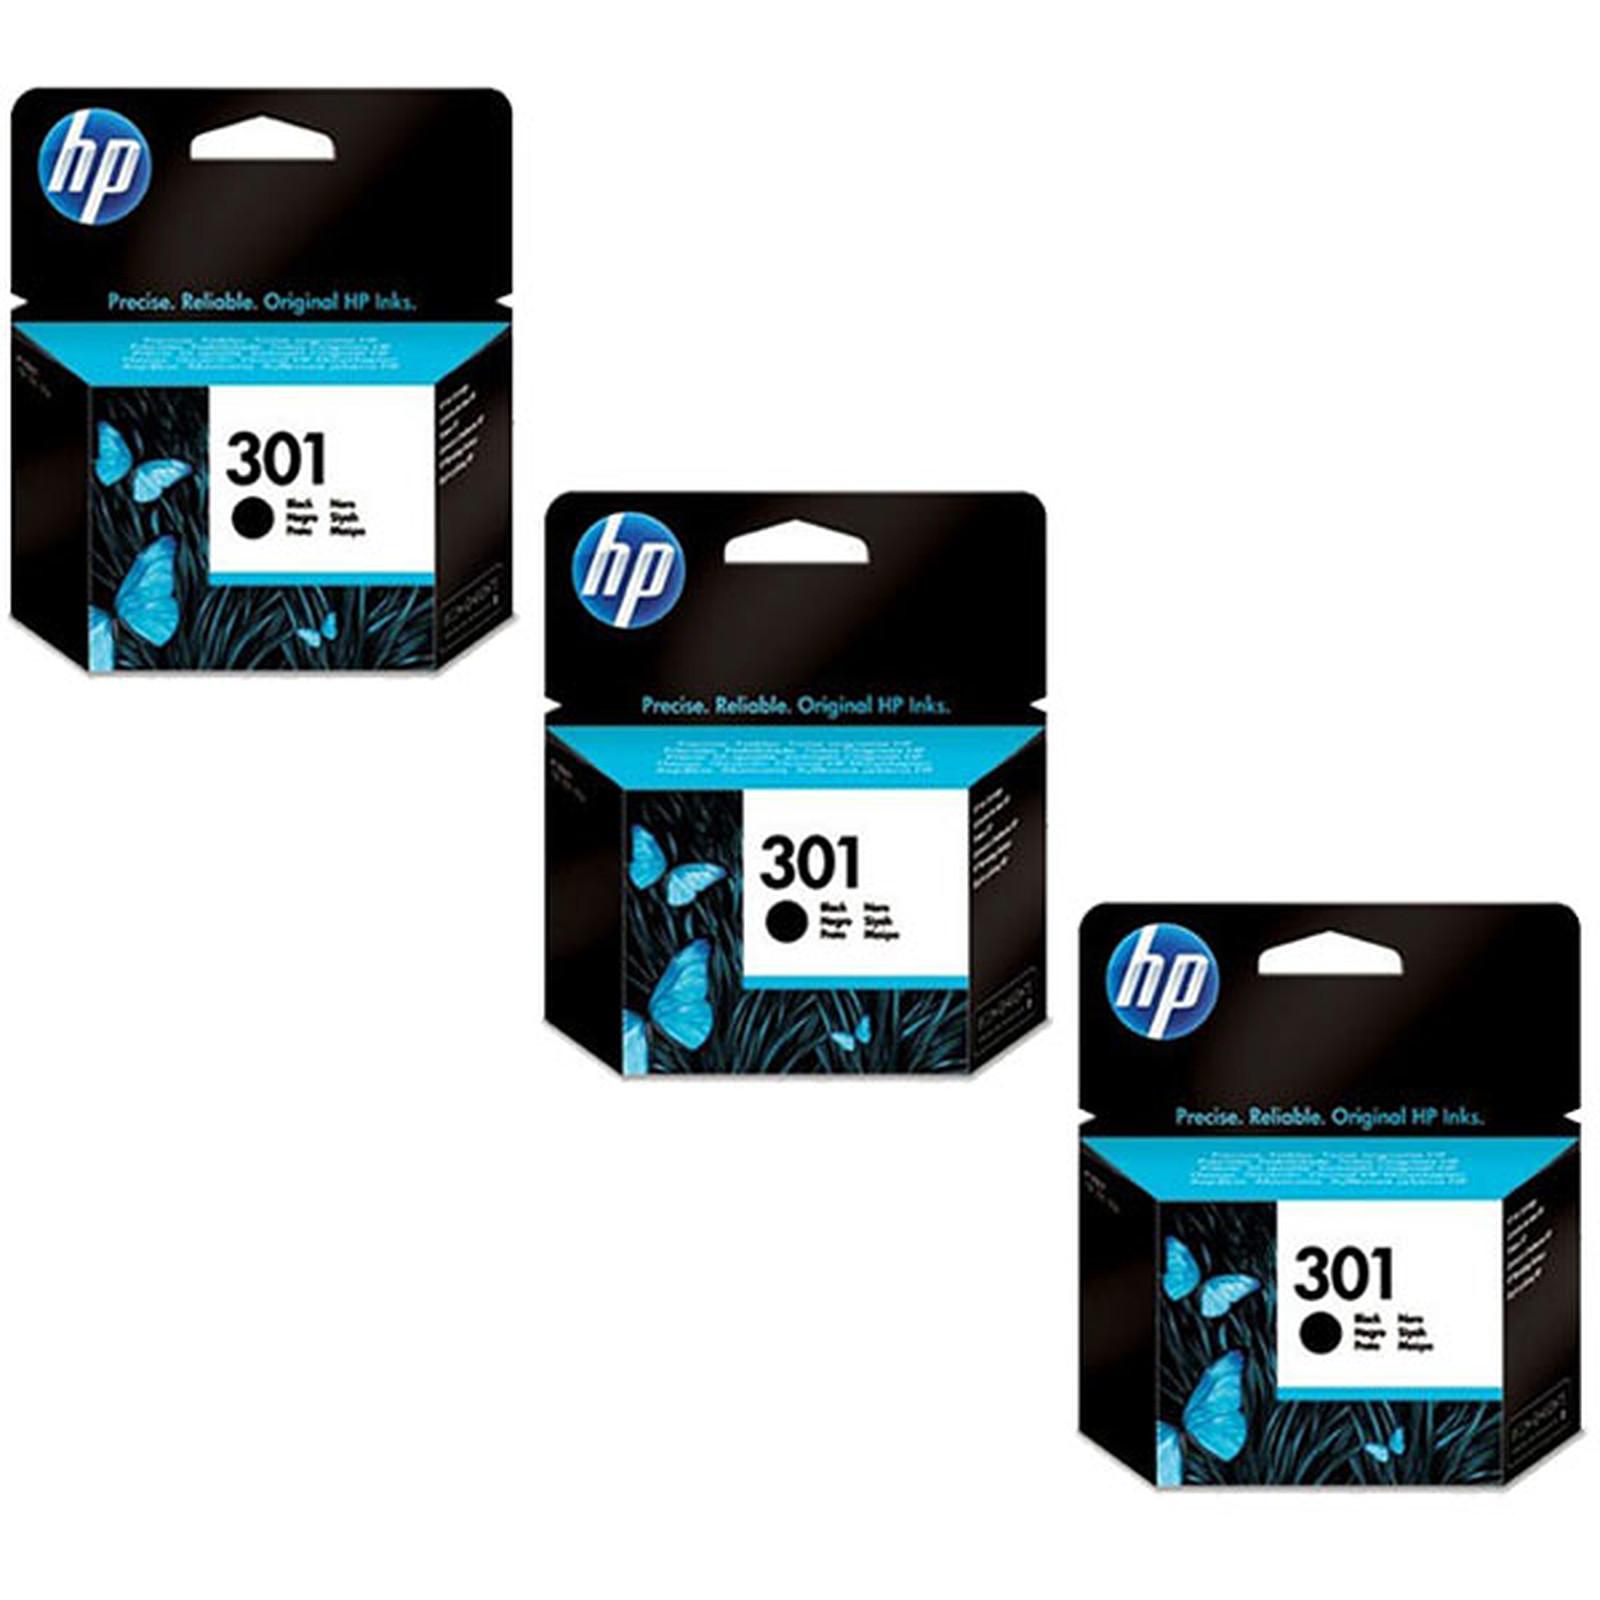 HP 301 Negro - CH561EE x 3